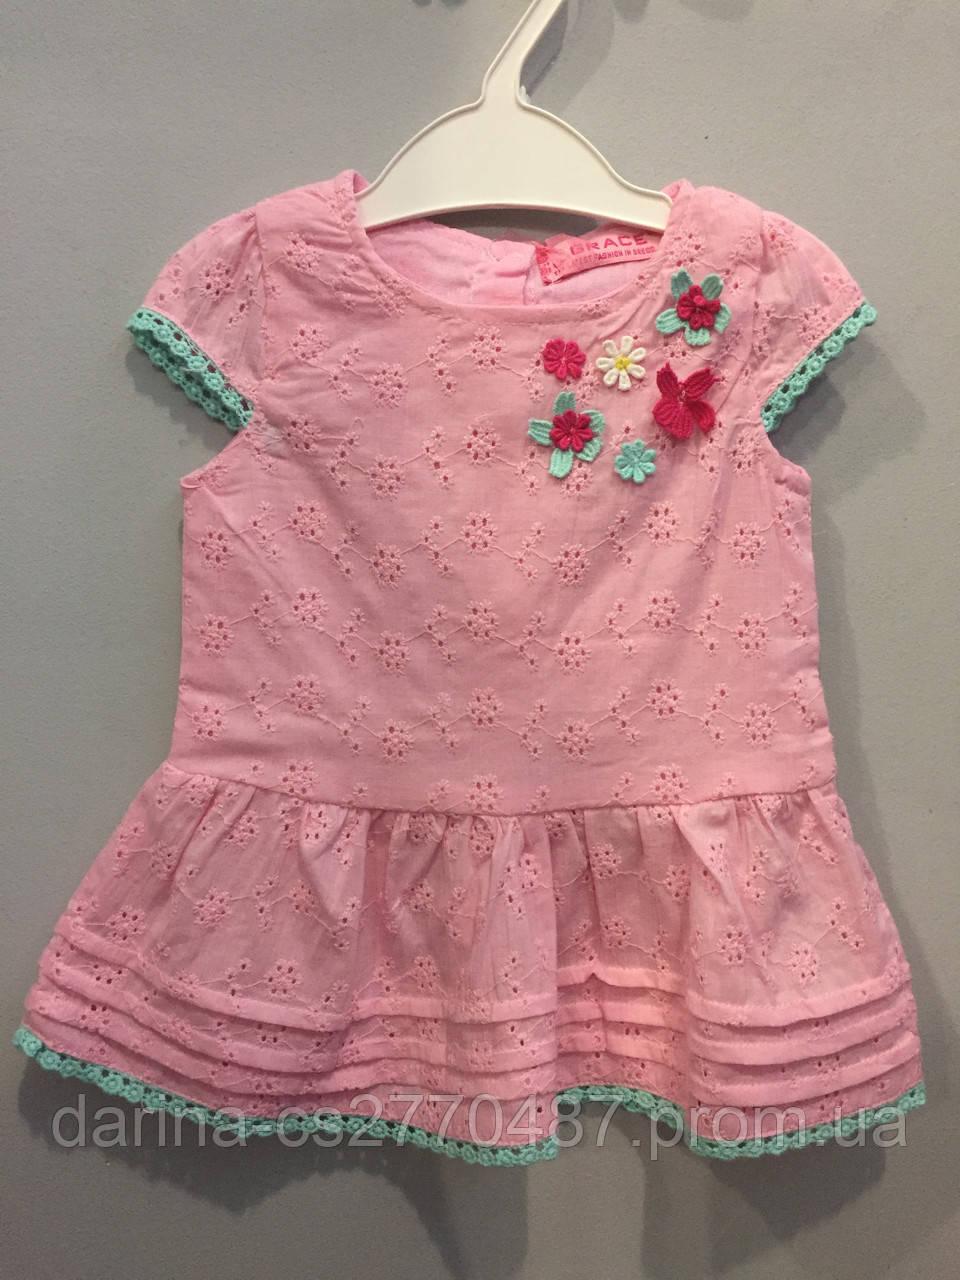 Хлопковое платье для девочки 74,86 см